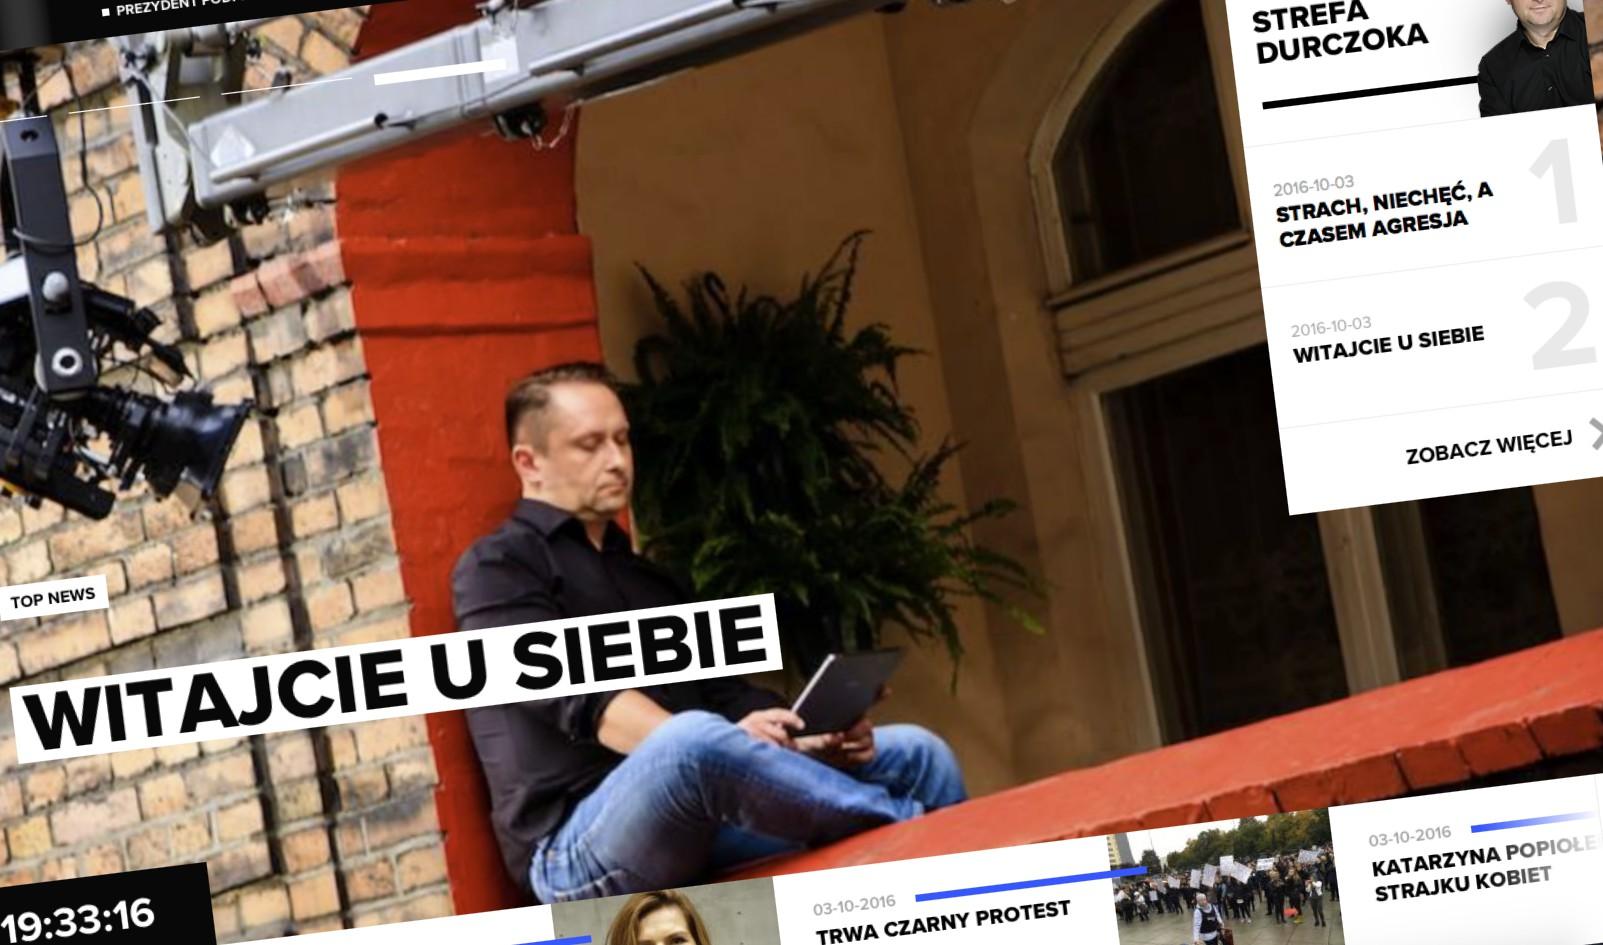 Silesion Kamila Durczoka przenosi publicystykę emocjonalną ze Sosnowca na Śląsk